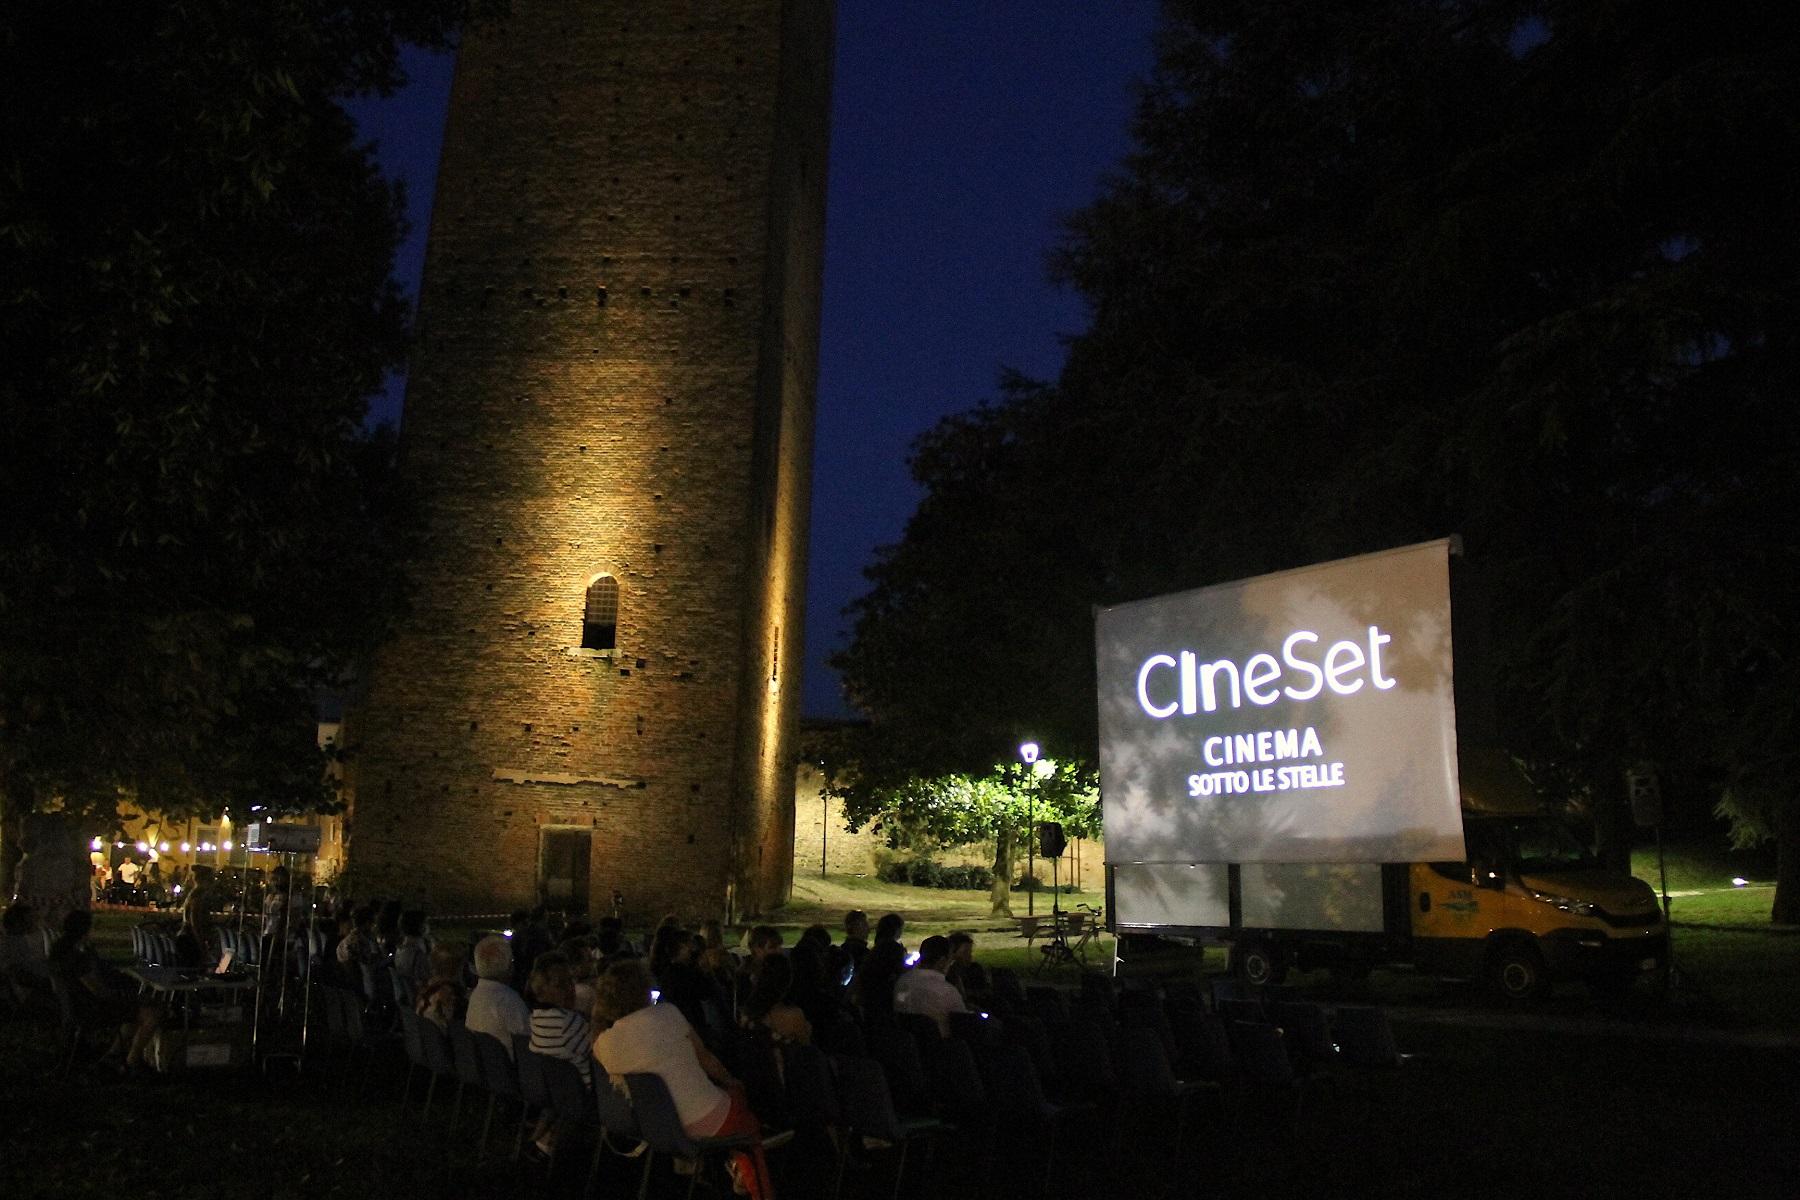 Al via la rassegna Cineset il cinema estivo in città